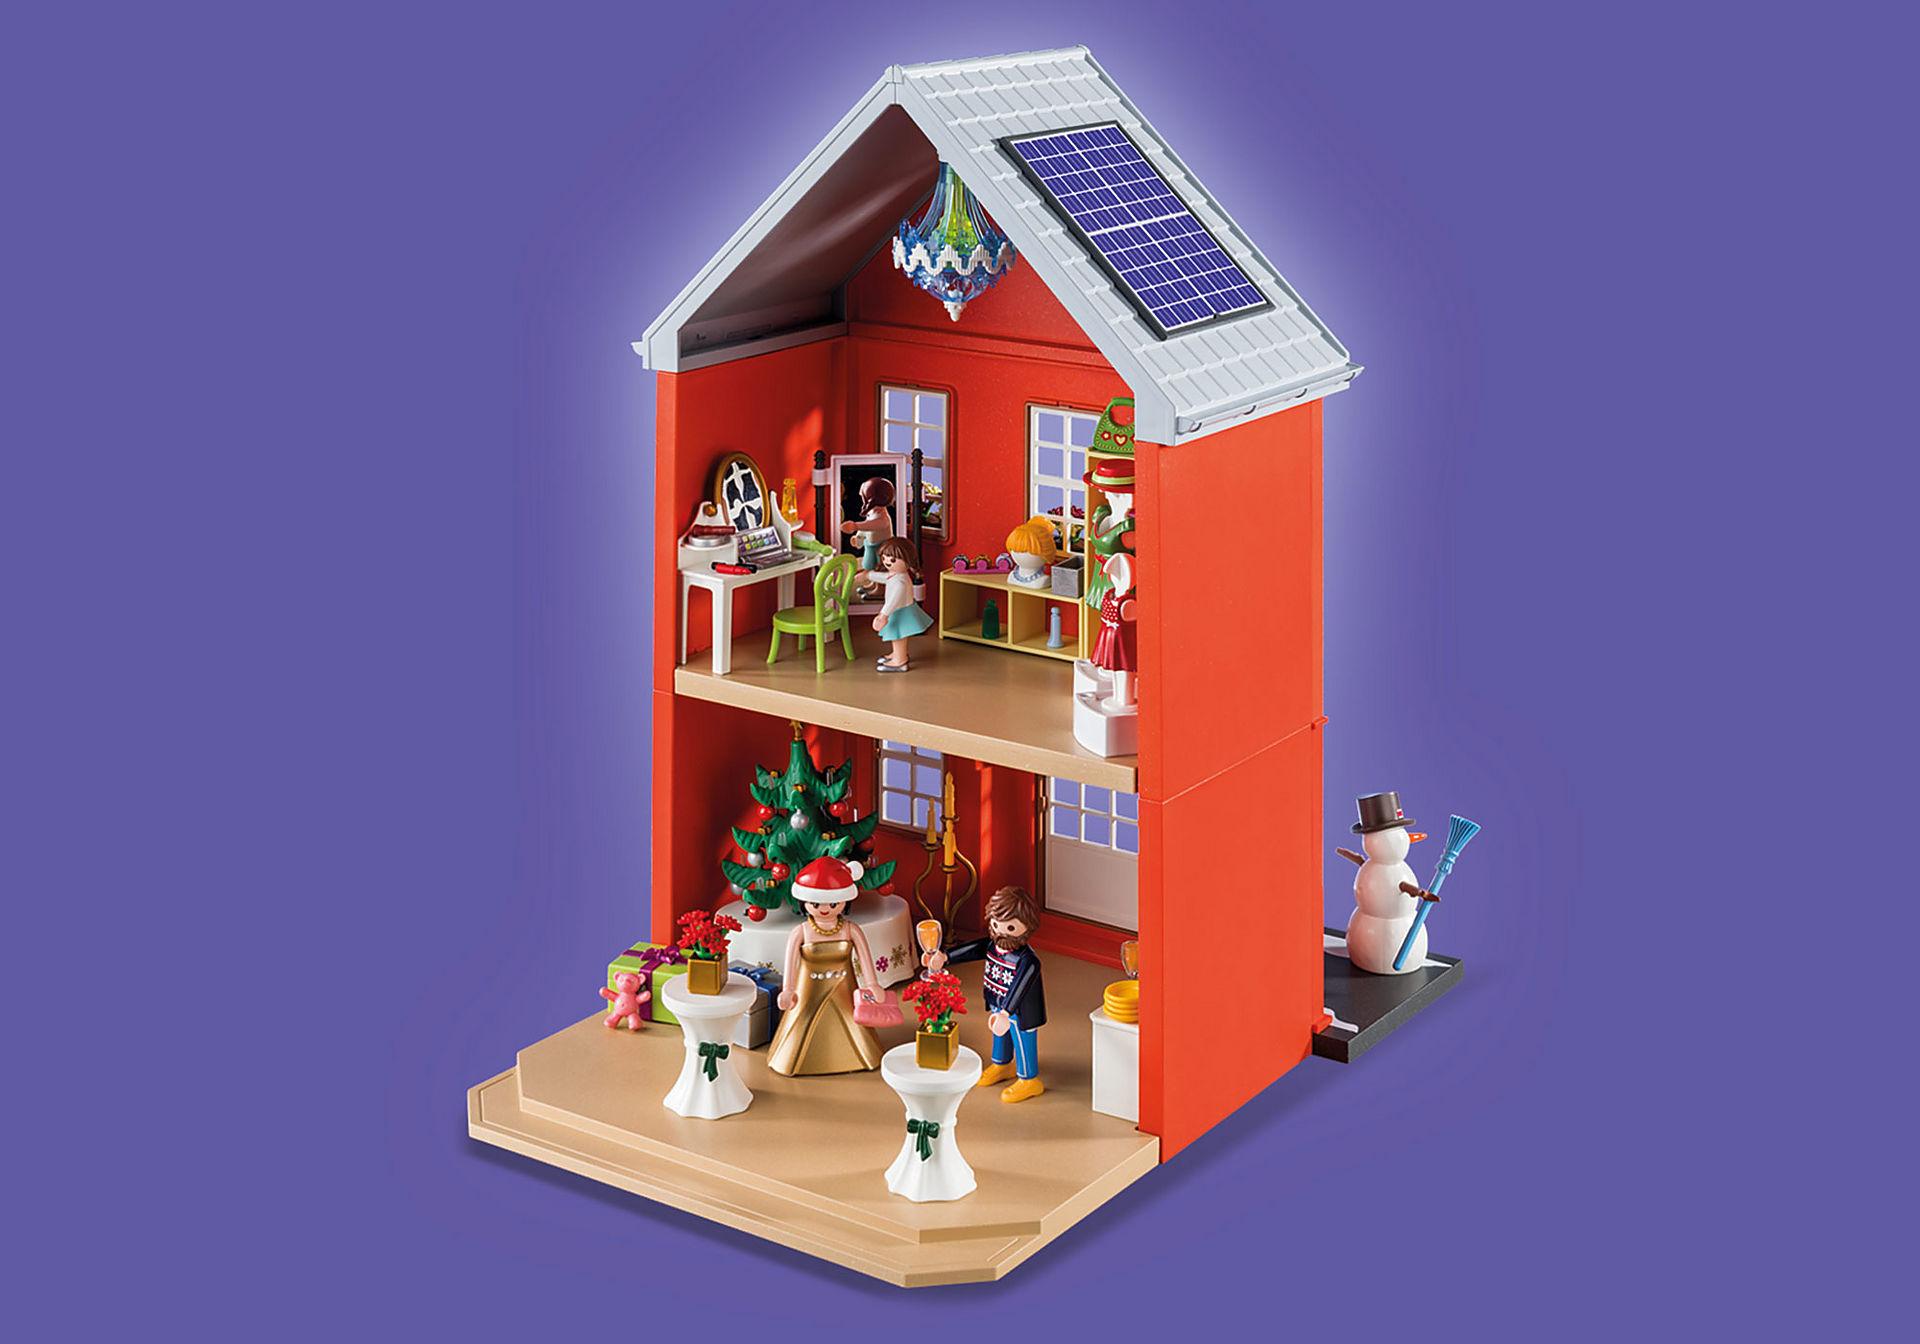 Table Basse Lego Geant calendrier de l'avent géant : noël en famille - 70383